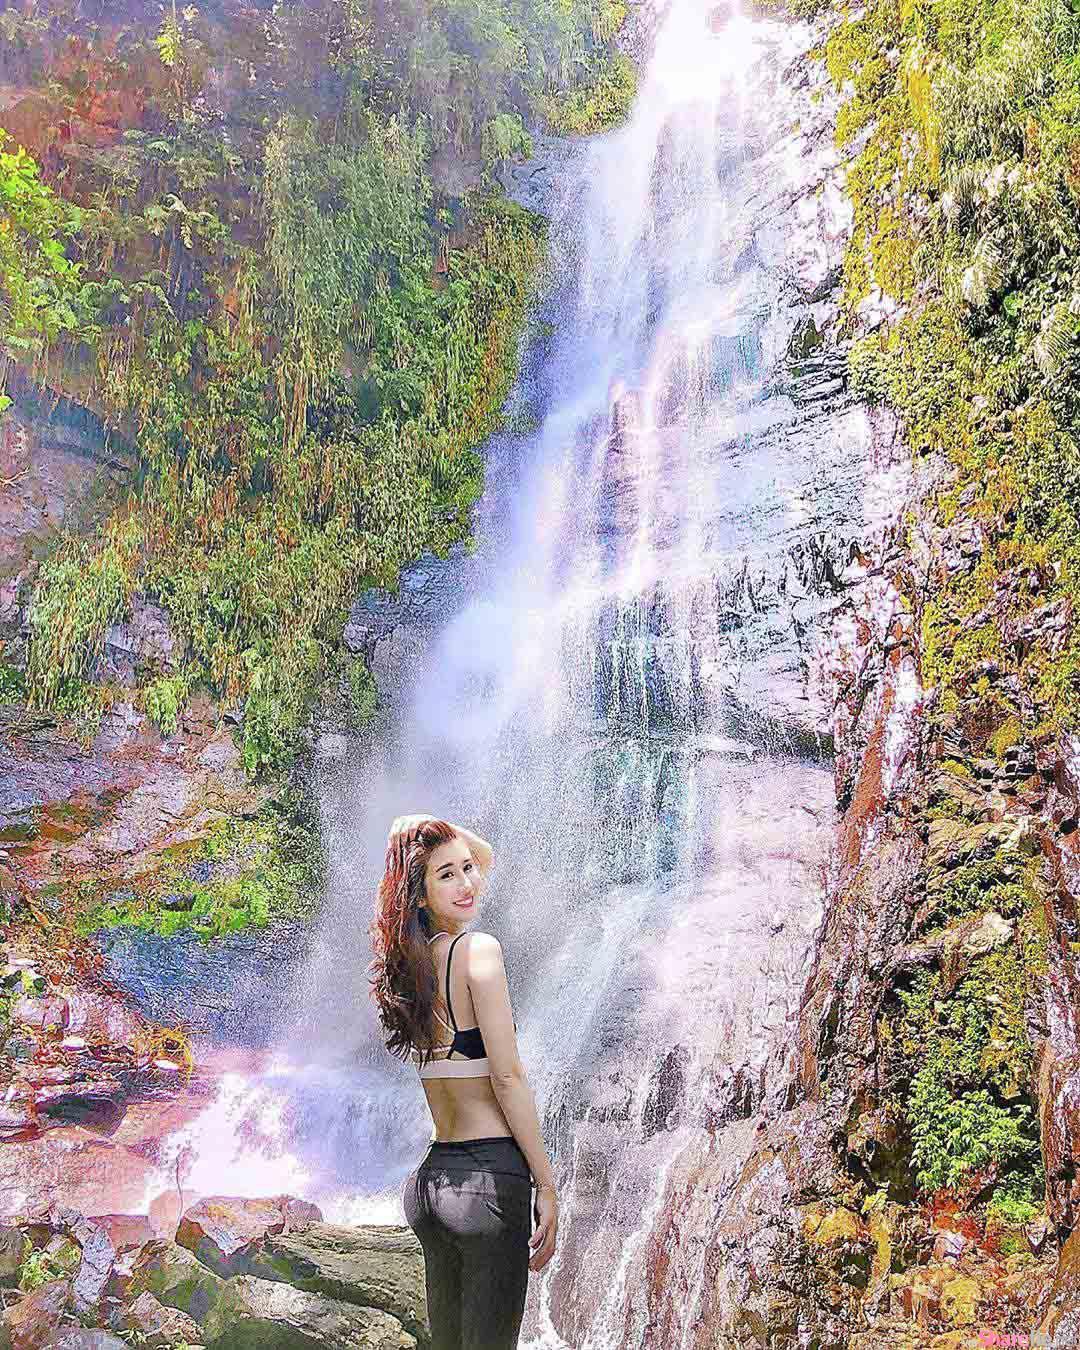 正妹小乖到瀑布去郊游,紧身翘臀非常抢镜头